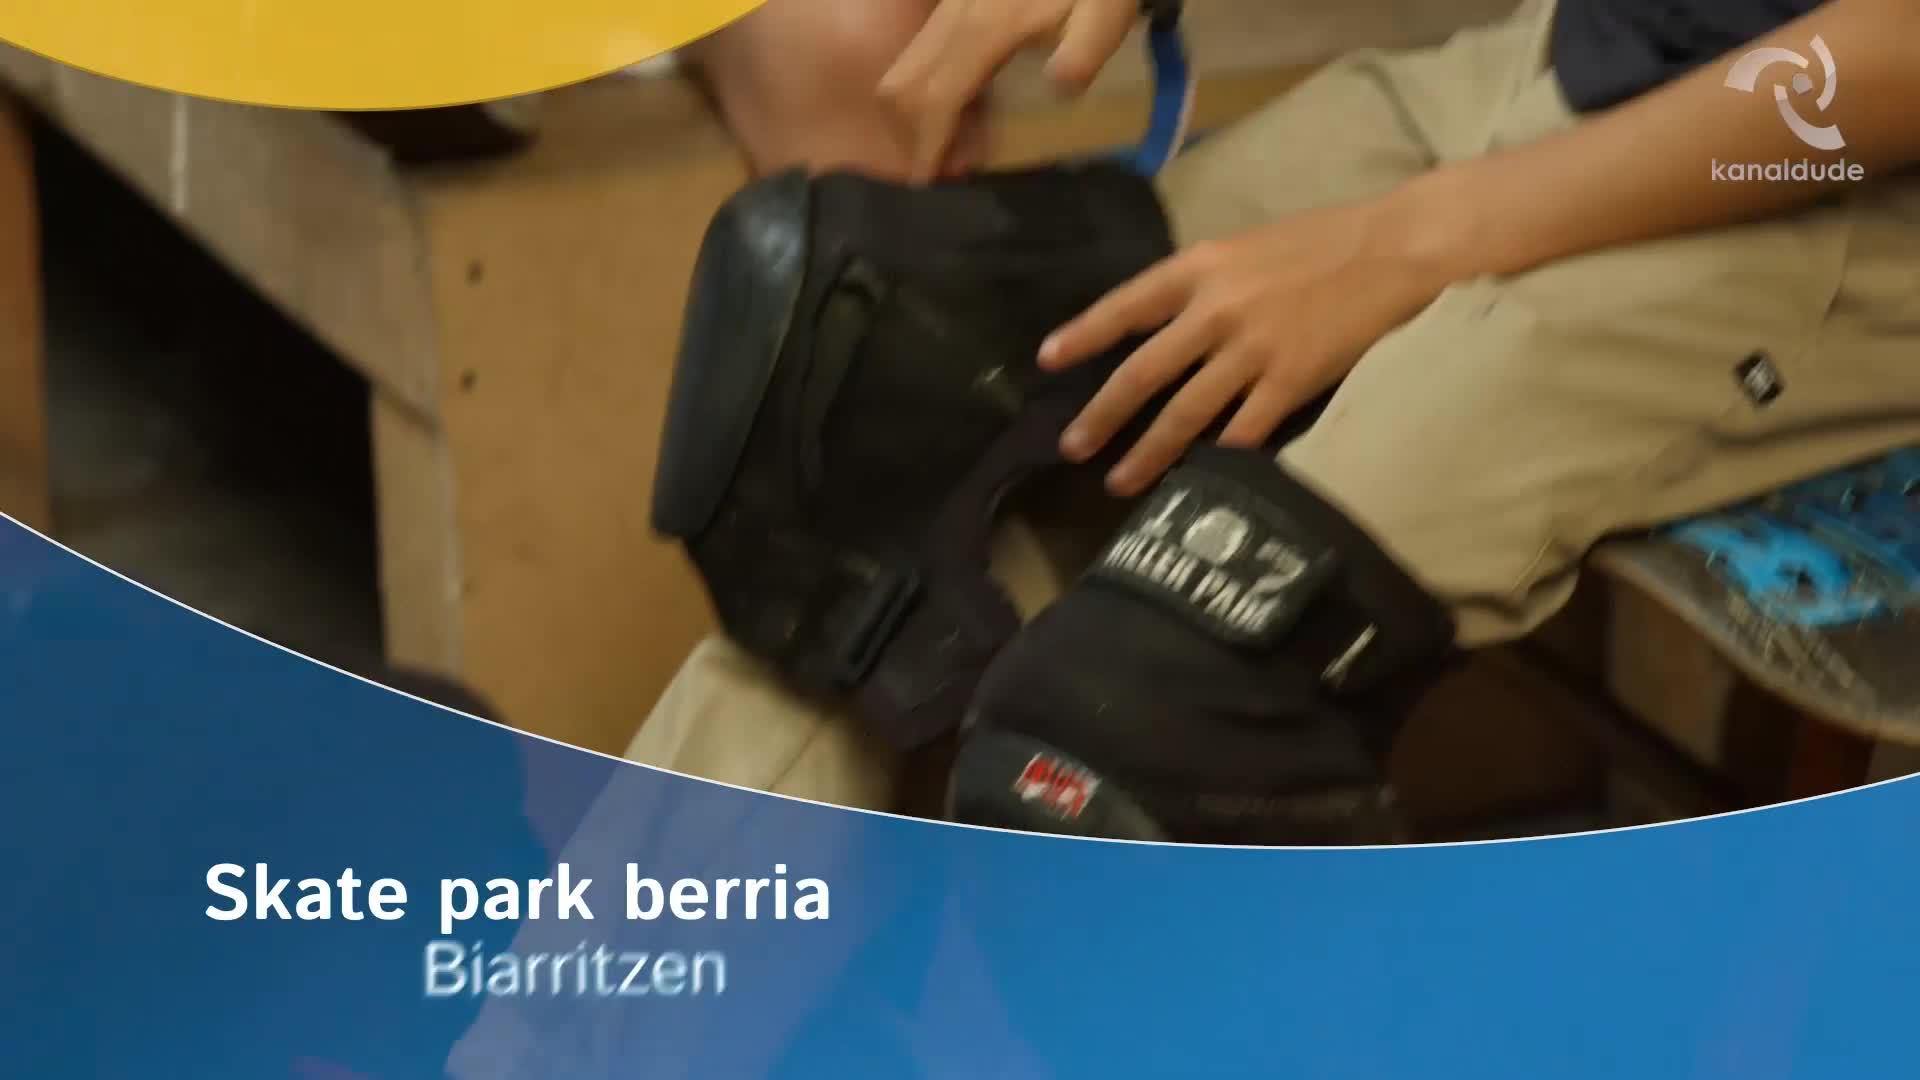 Skate park berria Biarritzen